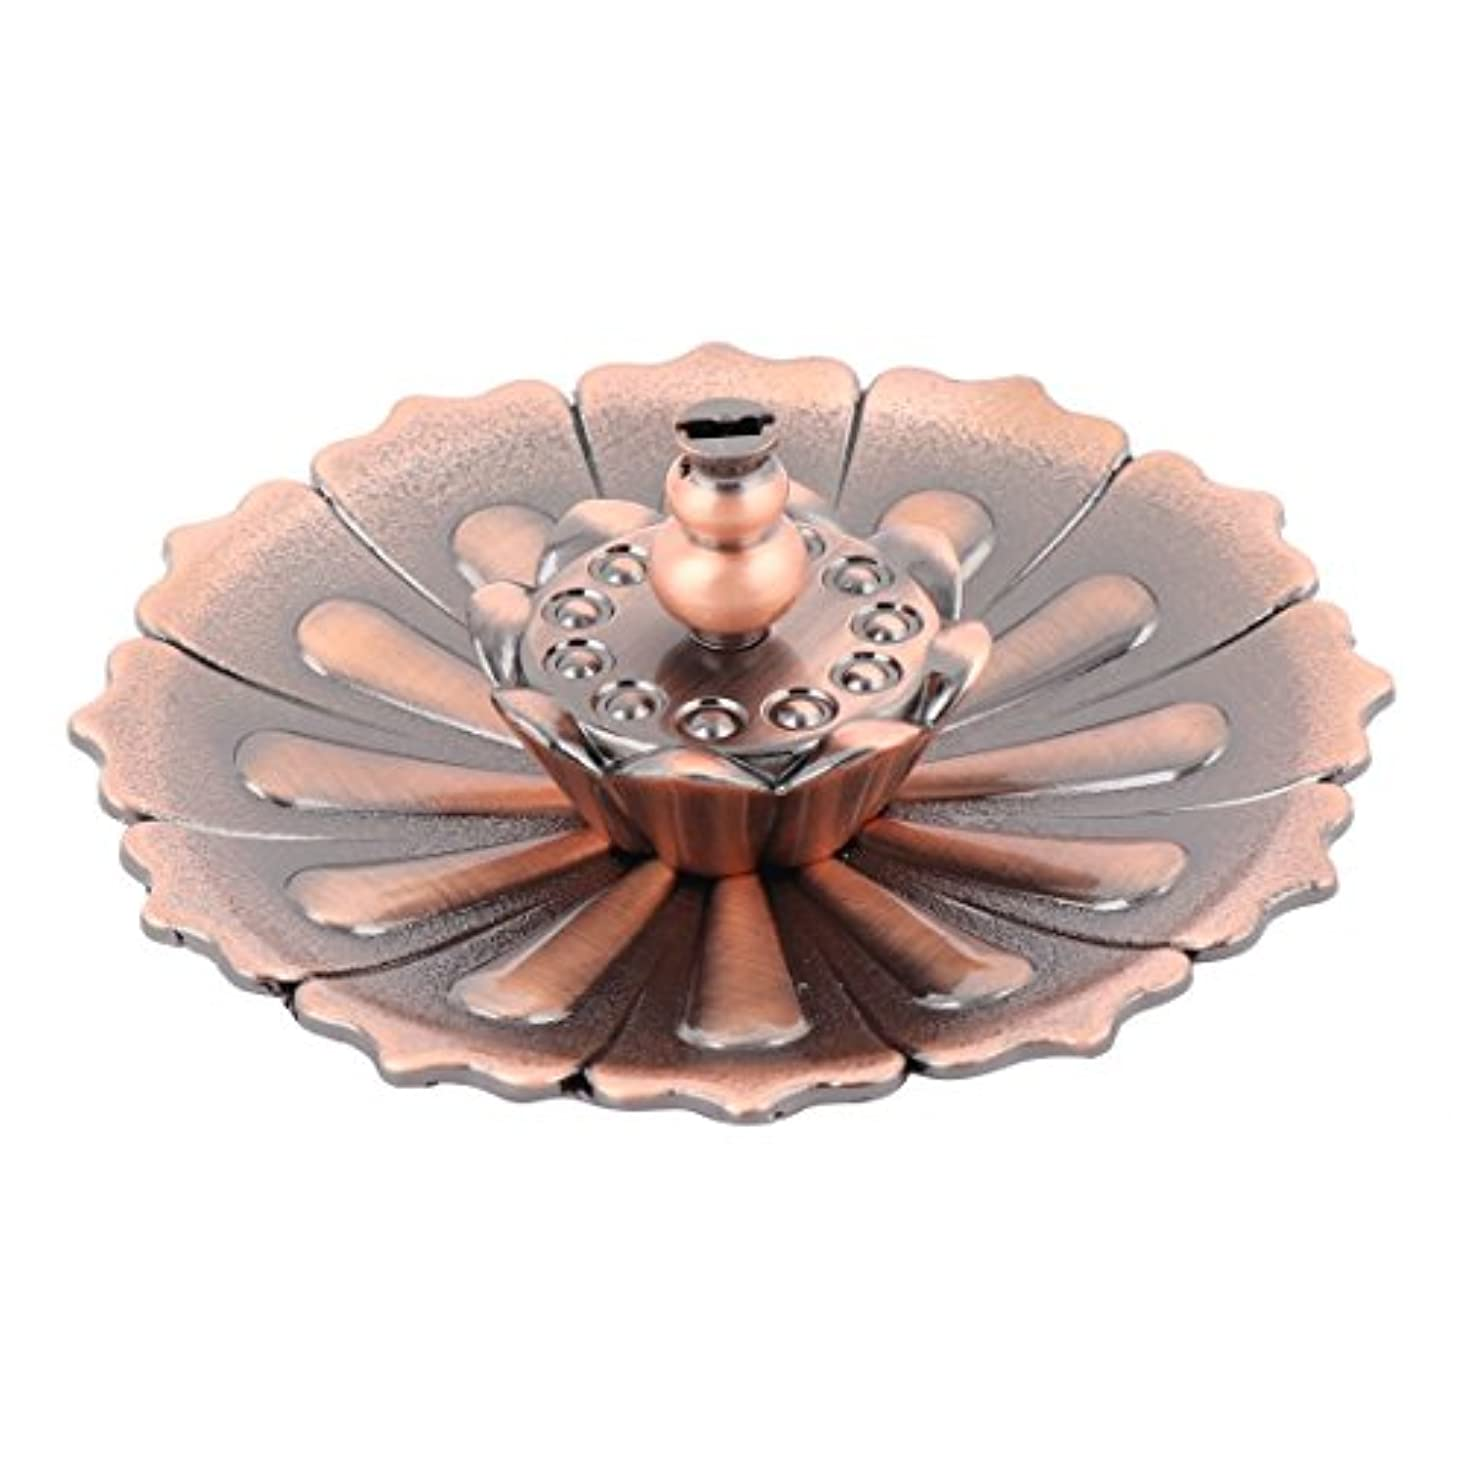 適合する前売心のこもったuxcell 香炉ホルダー お香立て インセンスホルダー 蓮 ロータス 花型 セット 金属製 家庭用 直径10cm